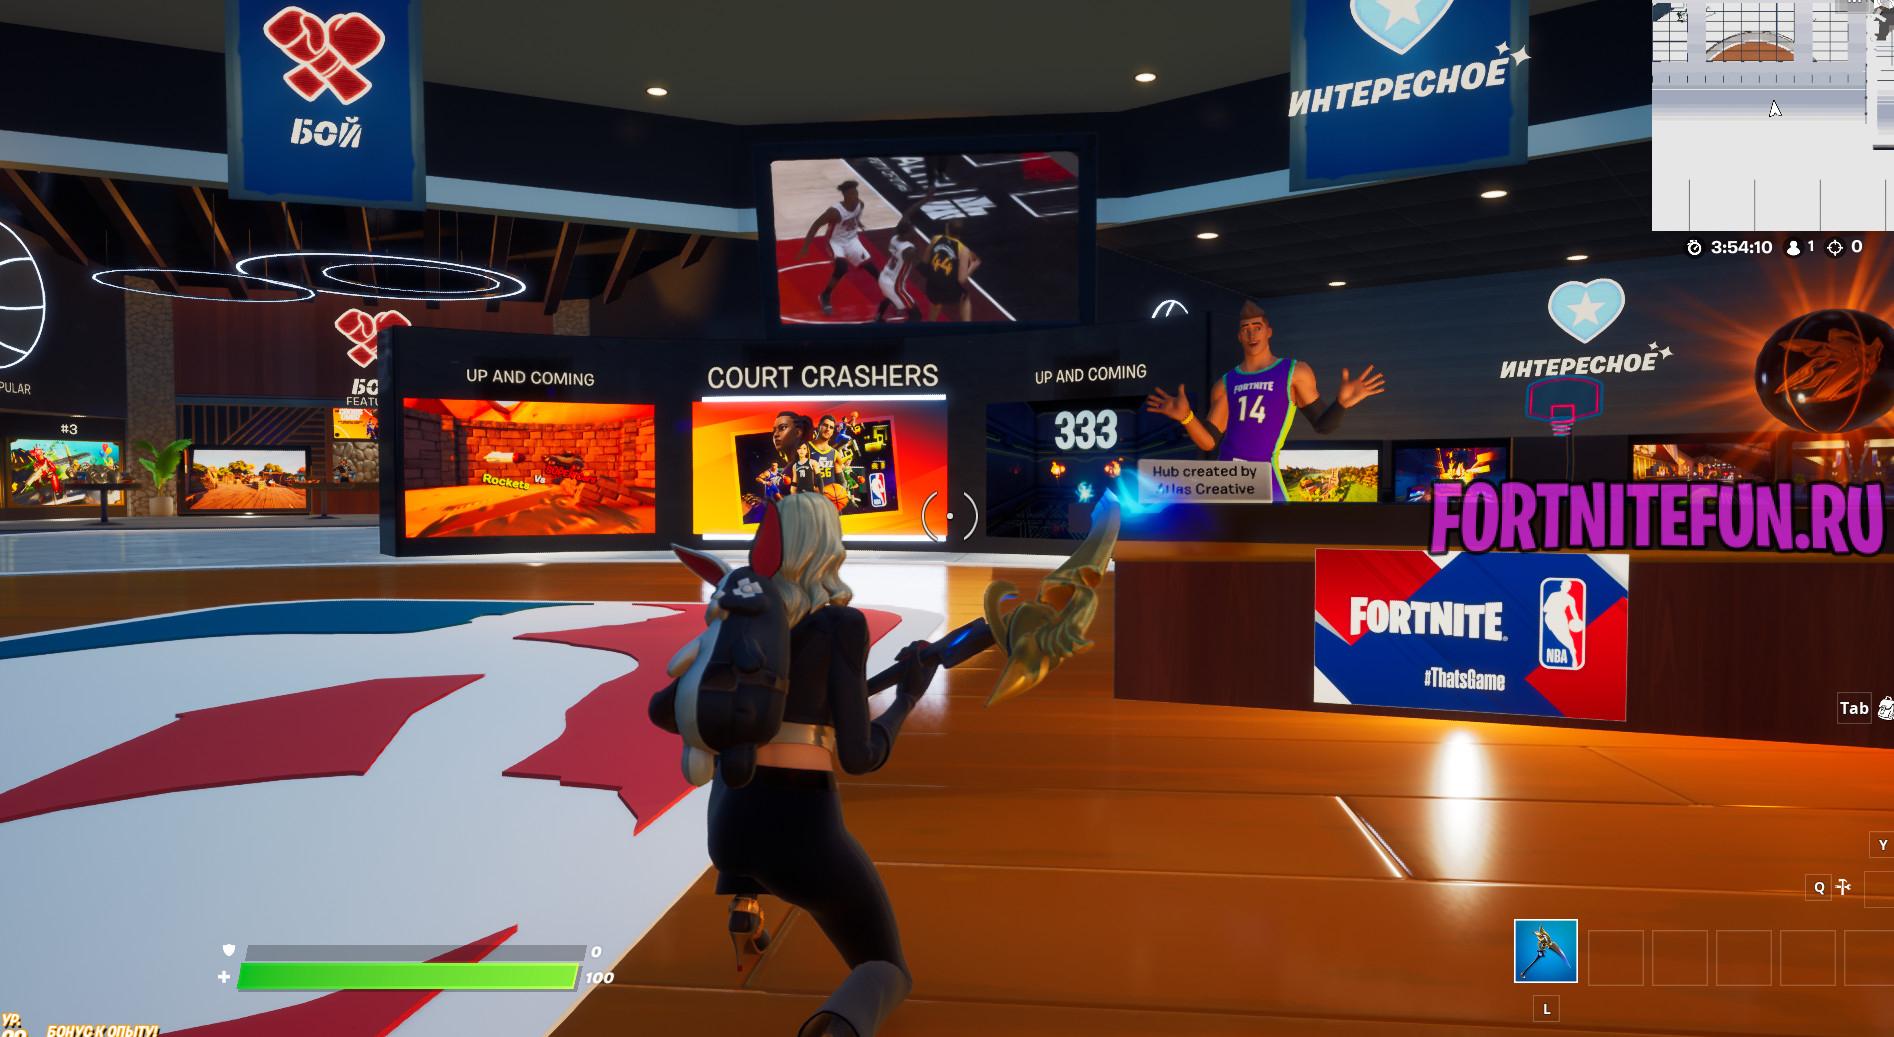 матч в режиме Новый баскетбол 2 - Испытания NBA в творческом режиме на опыт - прохождение